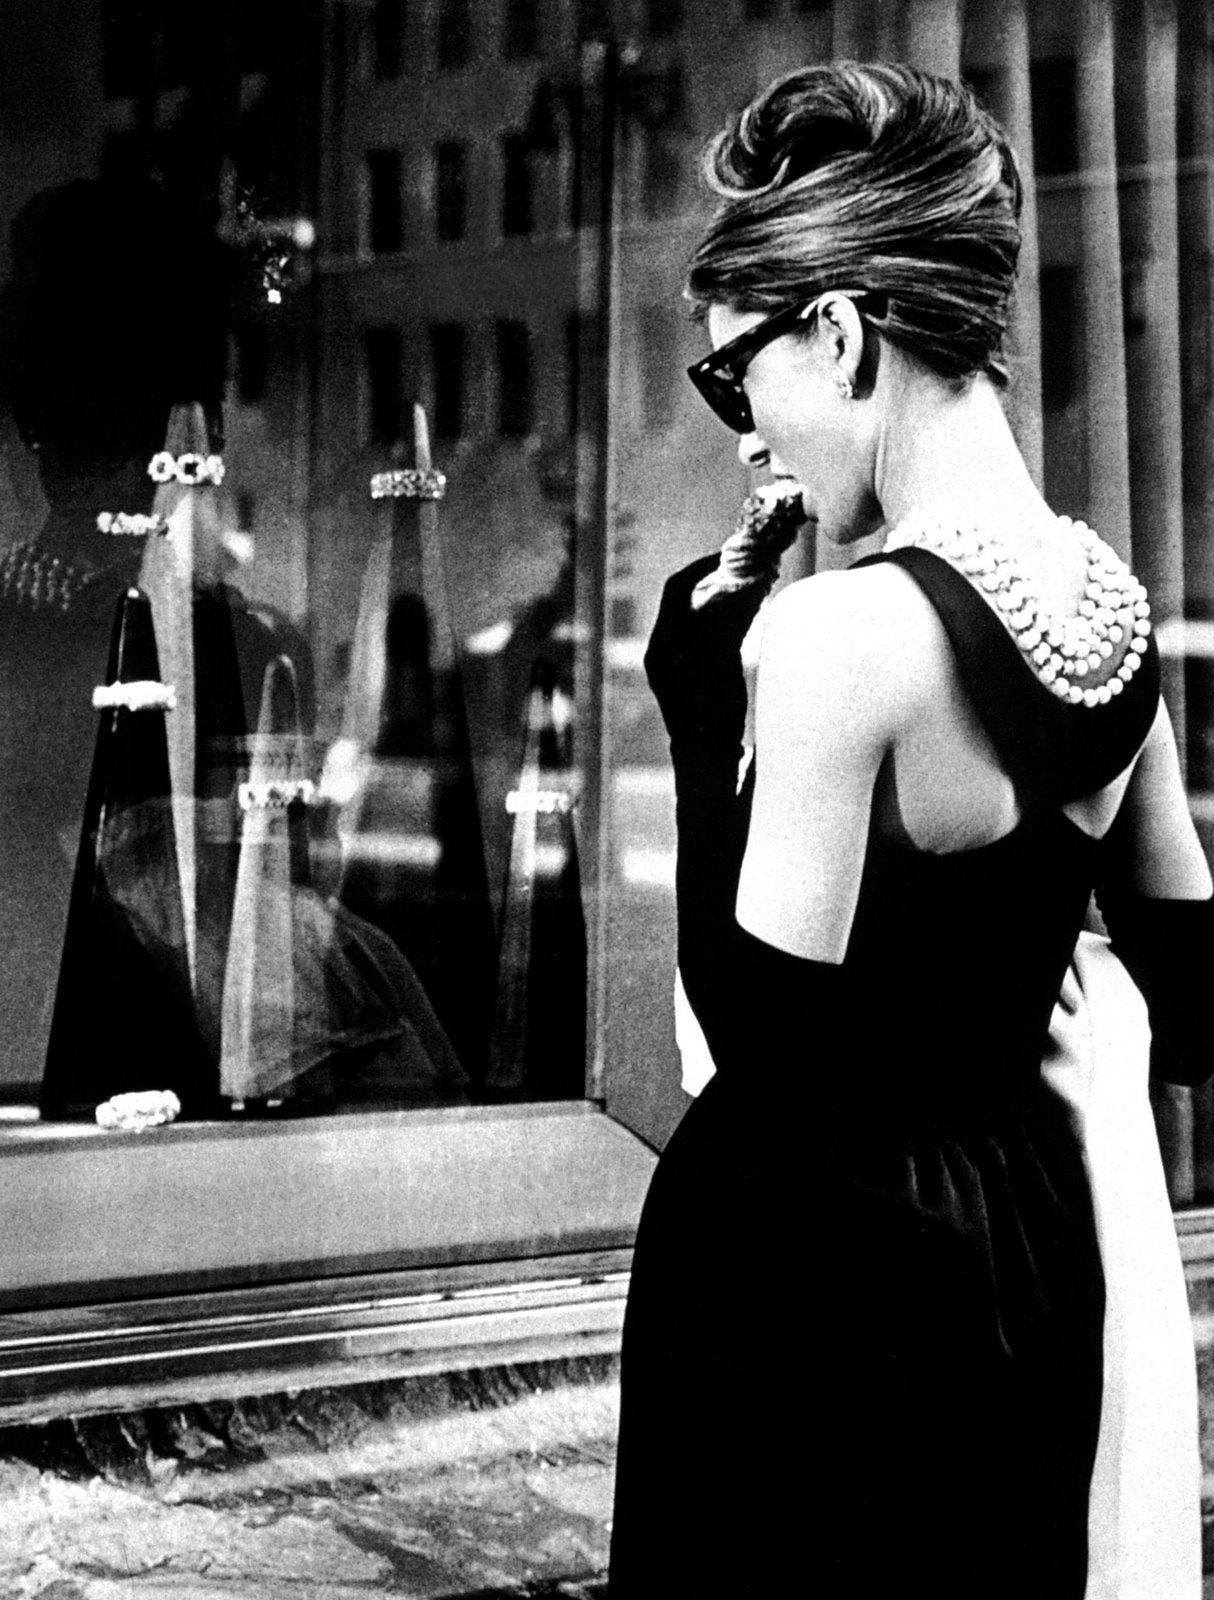 Audrey-Hepburn-Givenchy-y-el-vestido-negro-de-Desayuno-con-diamantes.jpg